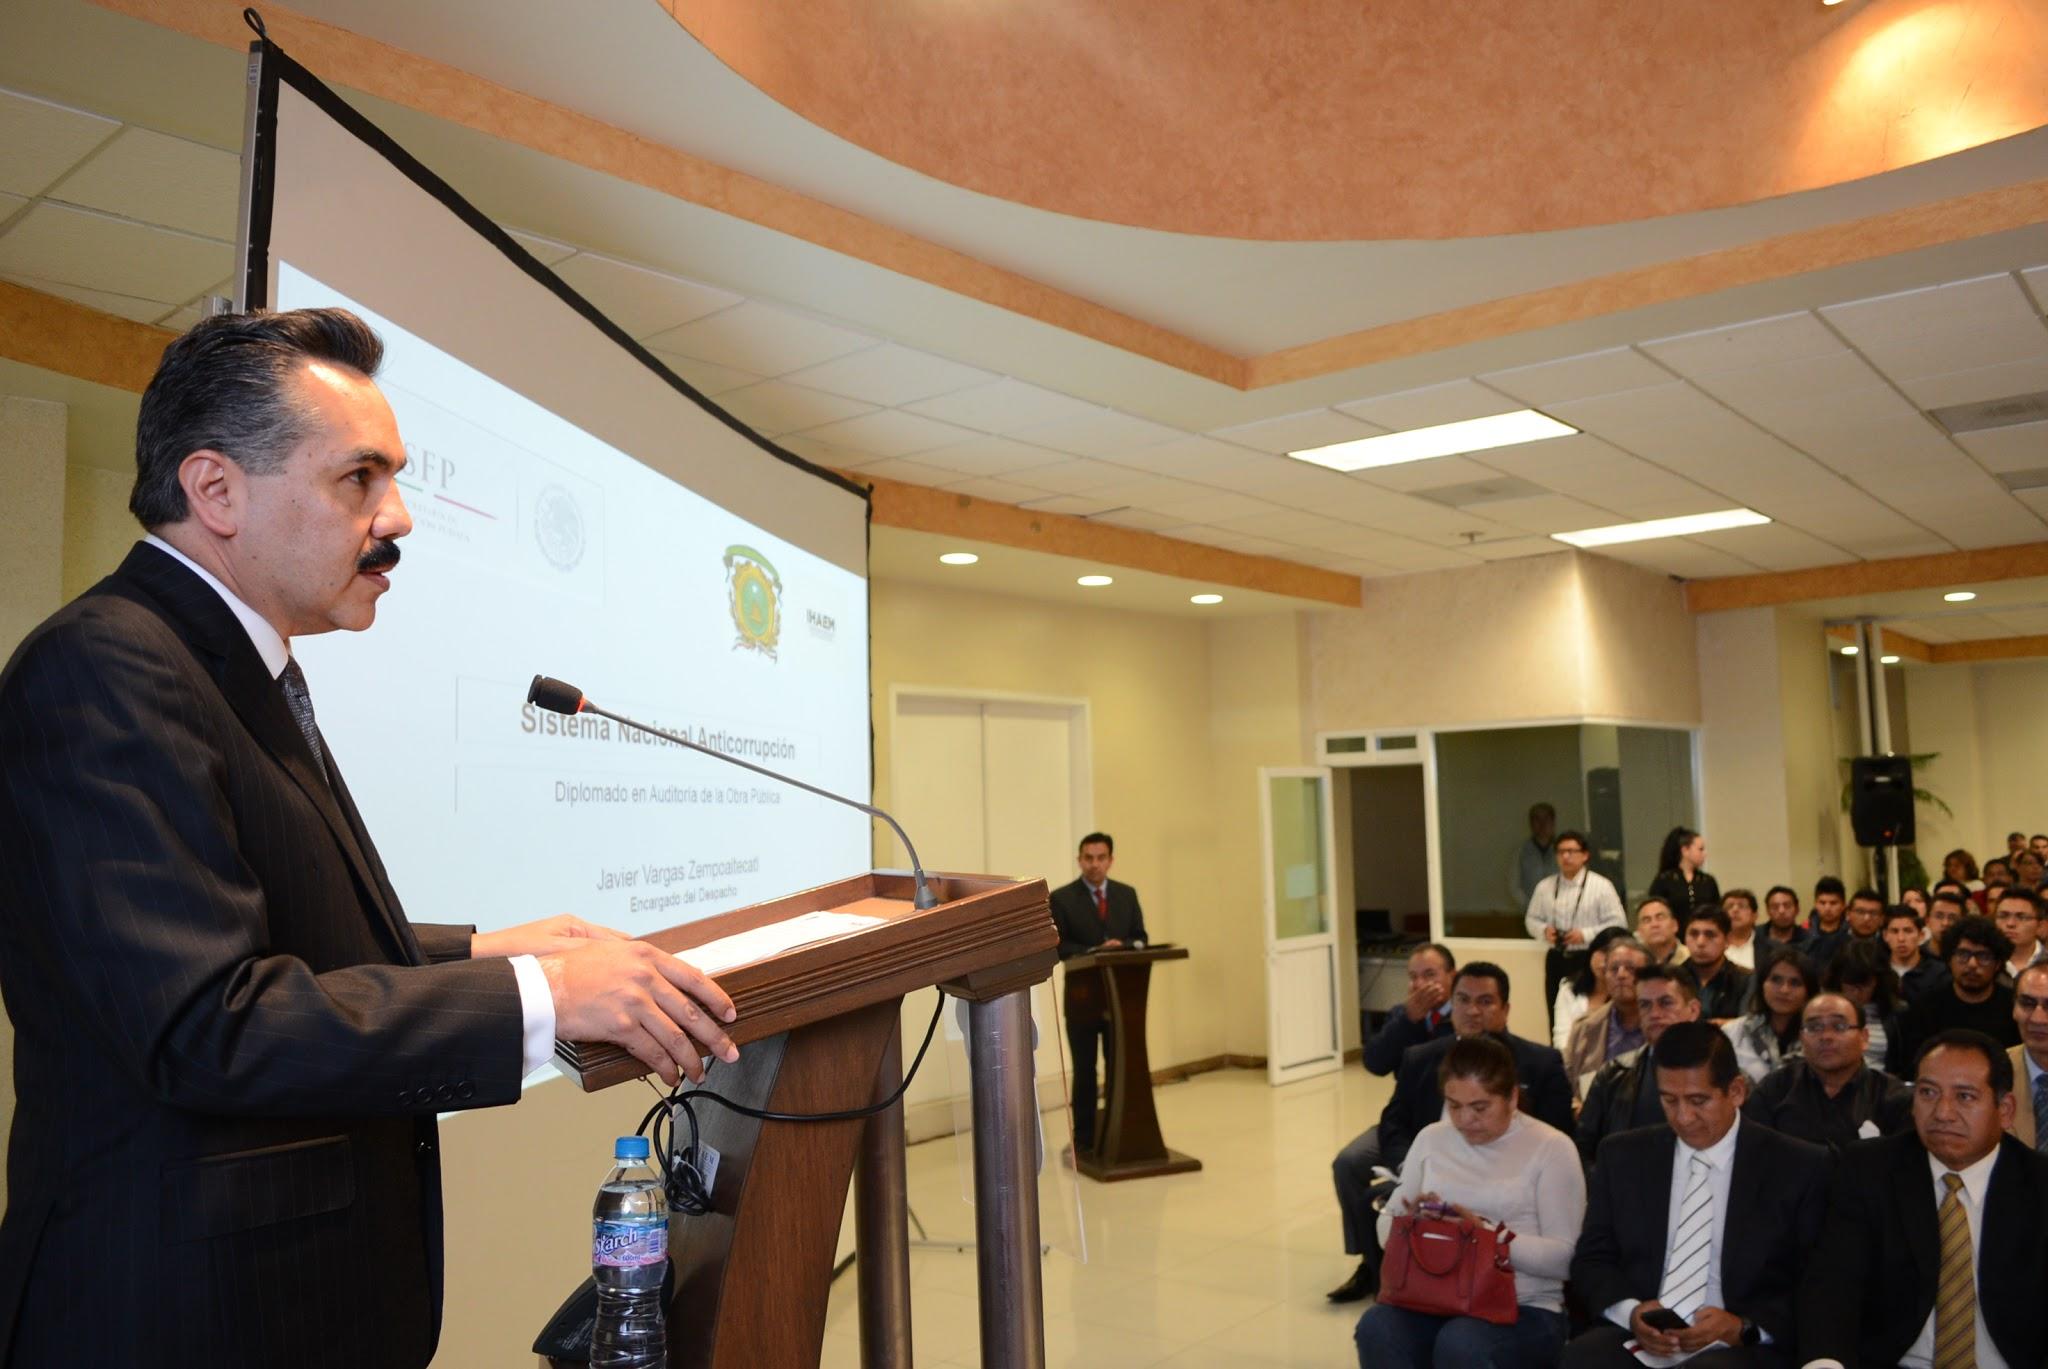 Subsecretario Javier Vargas hablando acerca del SNA